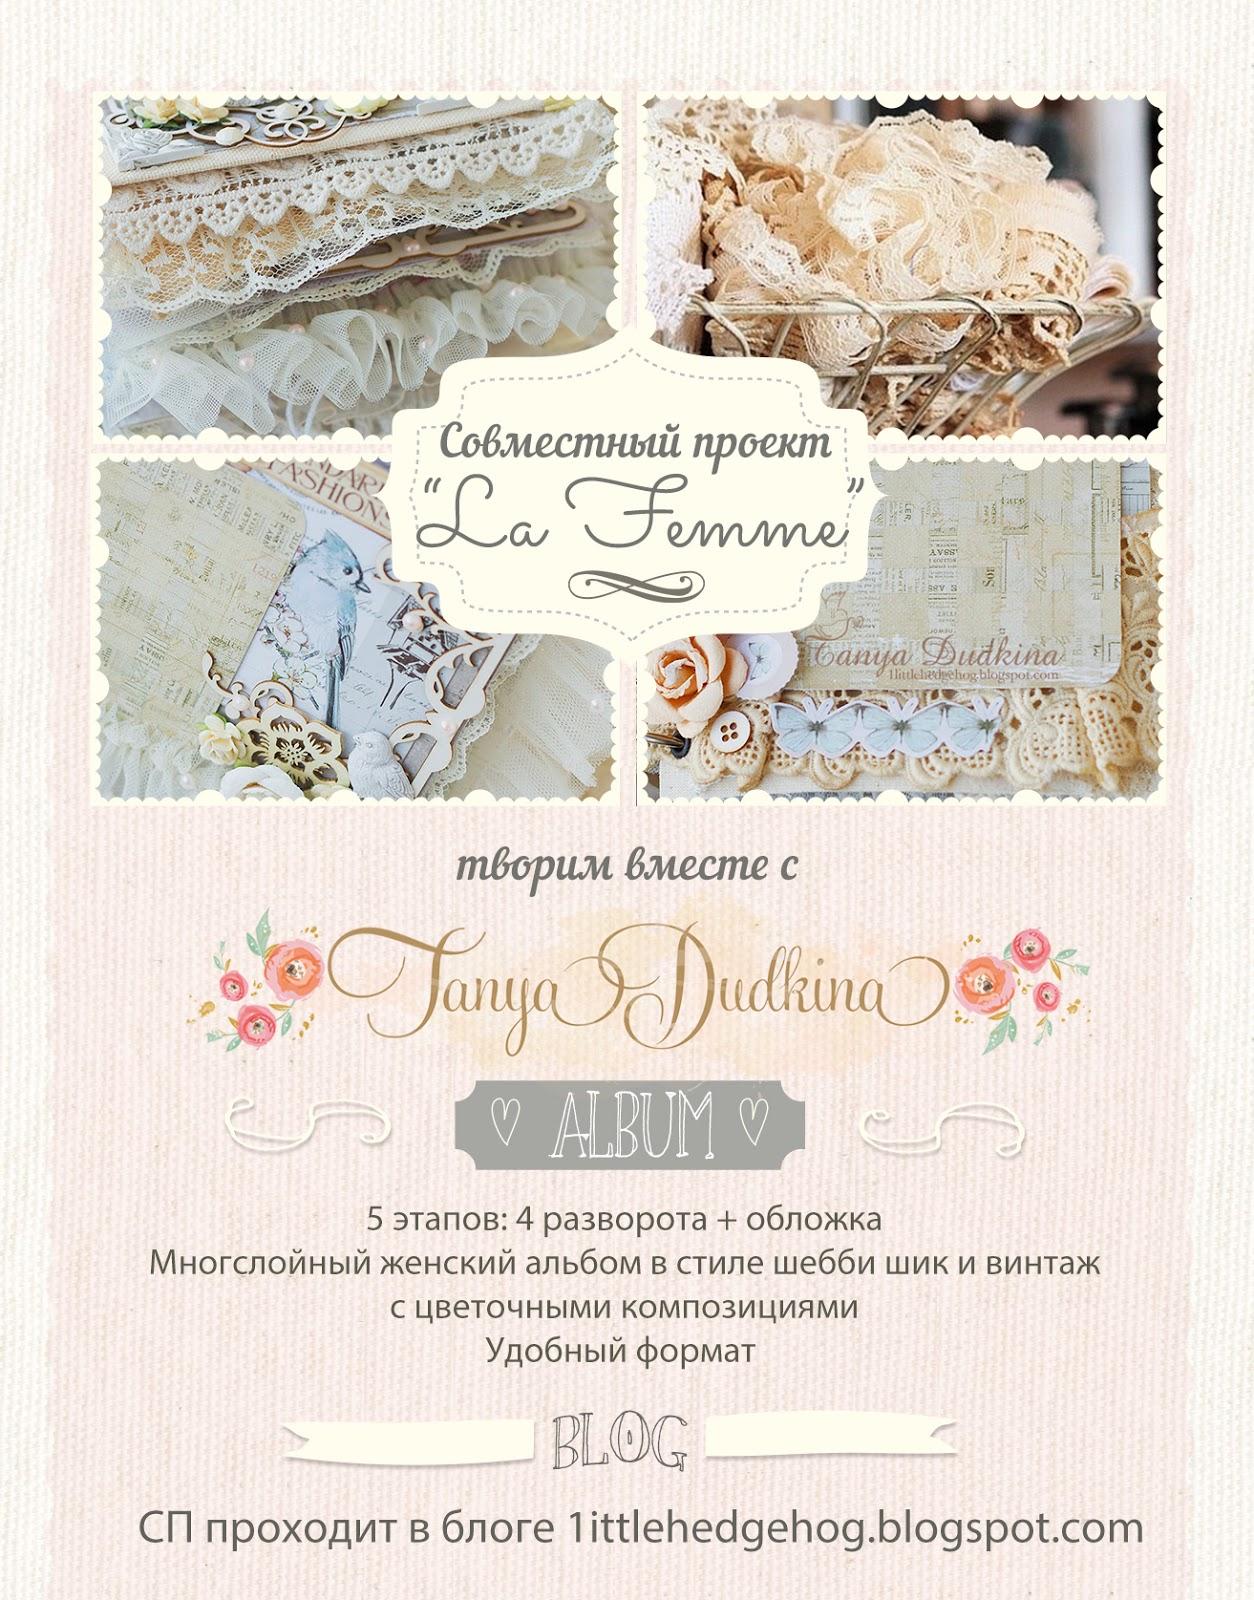 СП с Татьяной Дудкиной